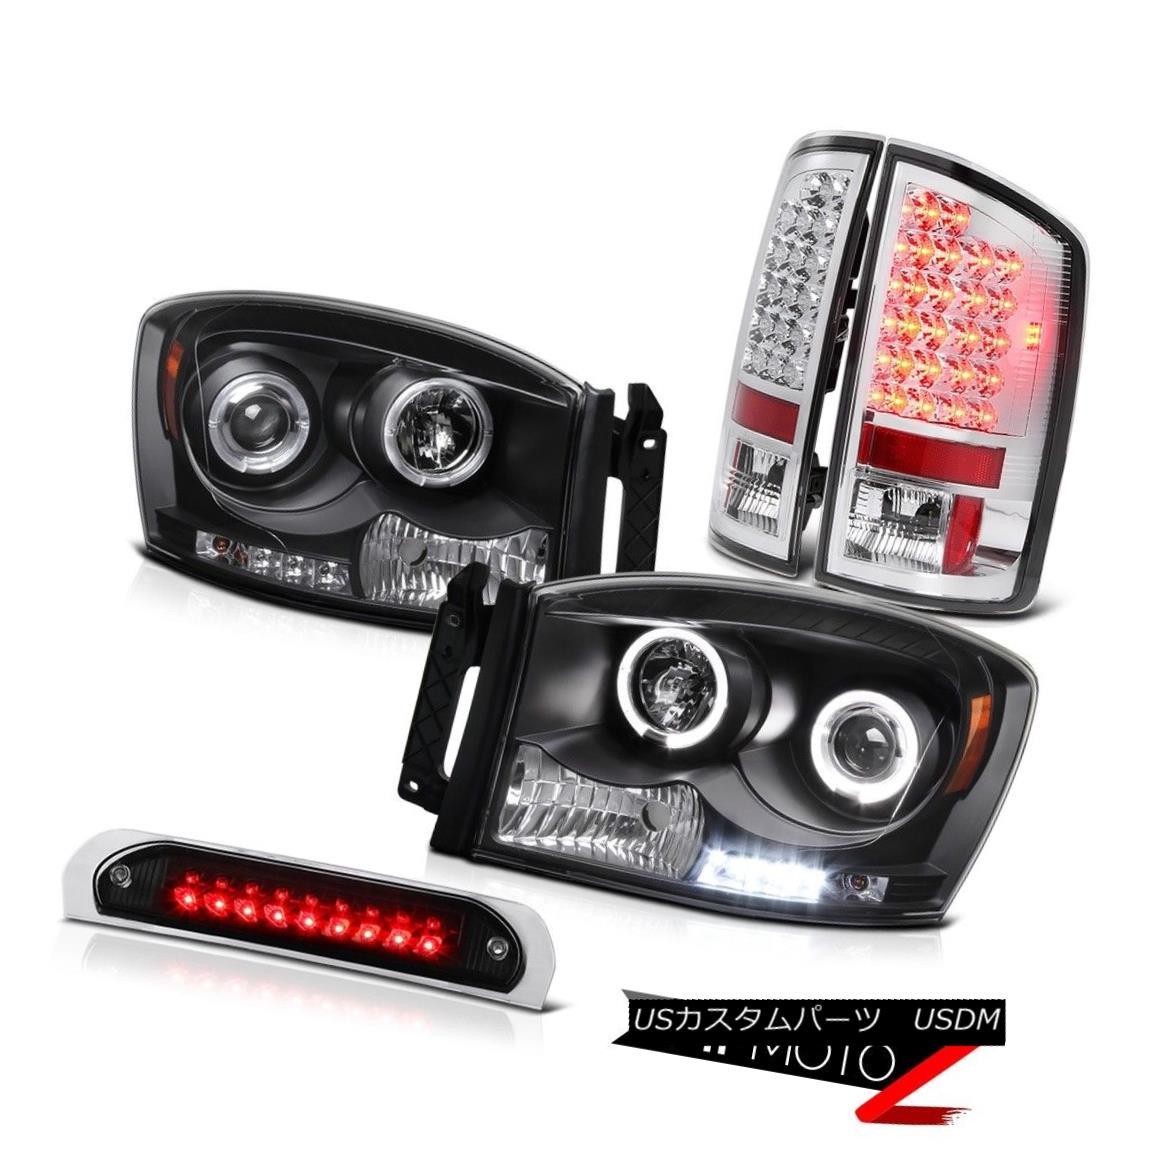 テールライト Angel Eye Projector Headlights SMD Rear Tail Lights Brake LED 06 Ram TurboDiesel エンジェルアイプロジェクターヘッドライトとリアテールライトブレーキLED 06ラムターボディーゼル